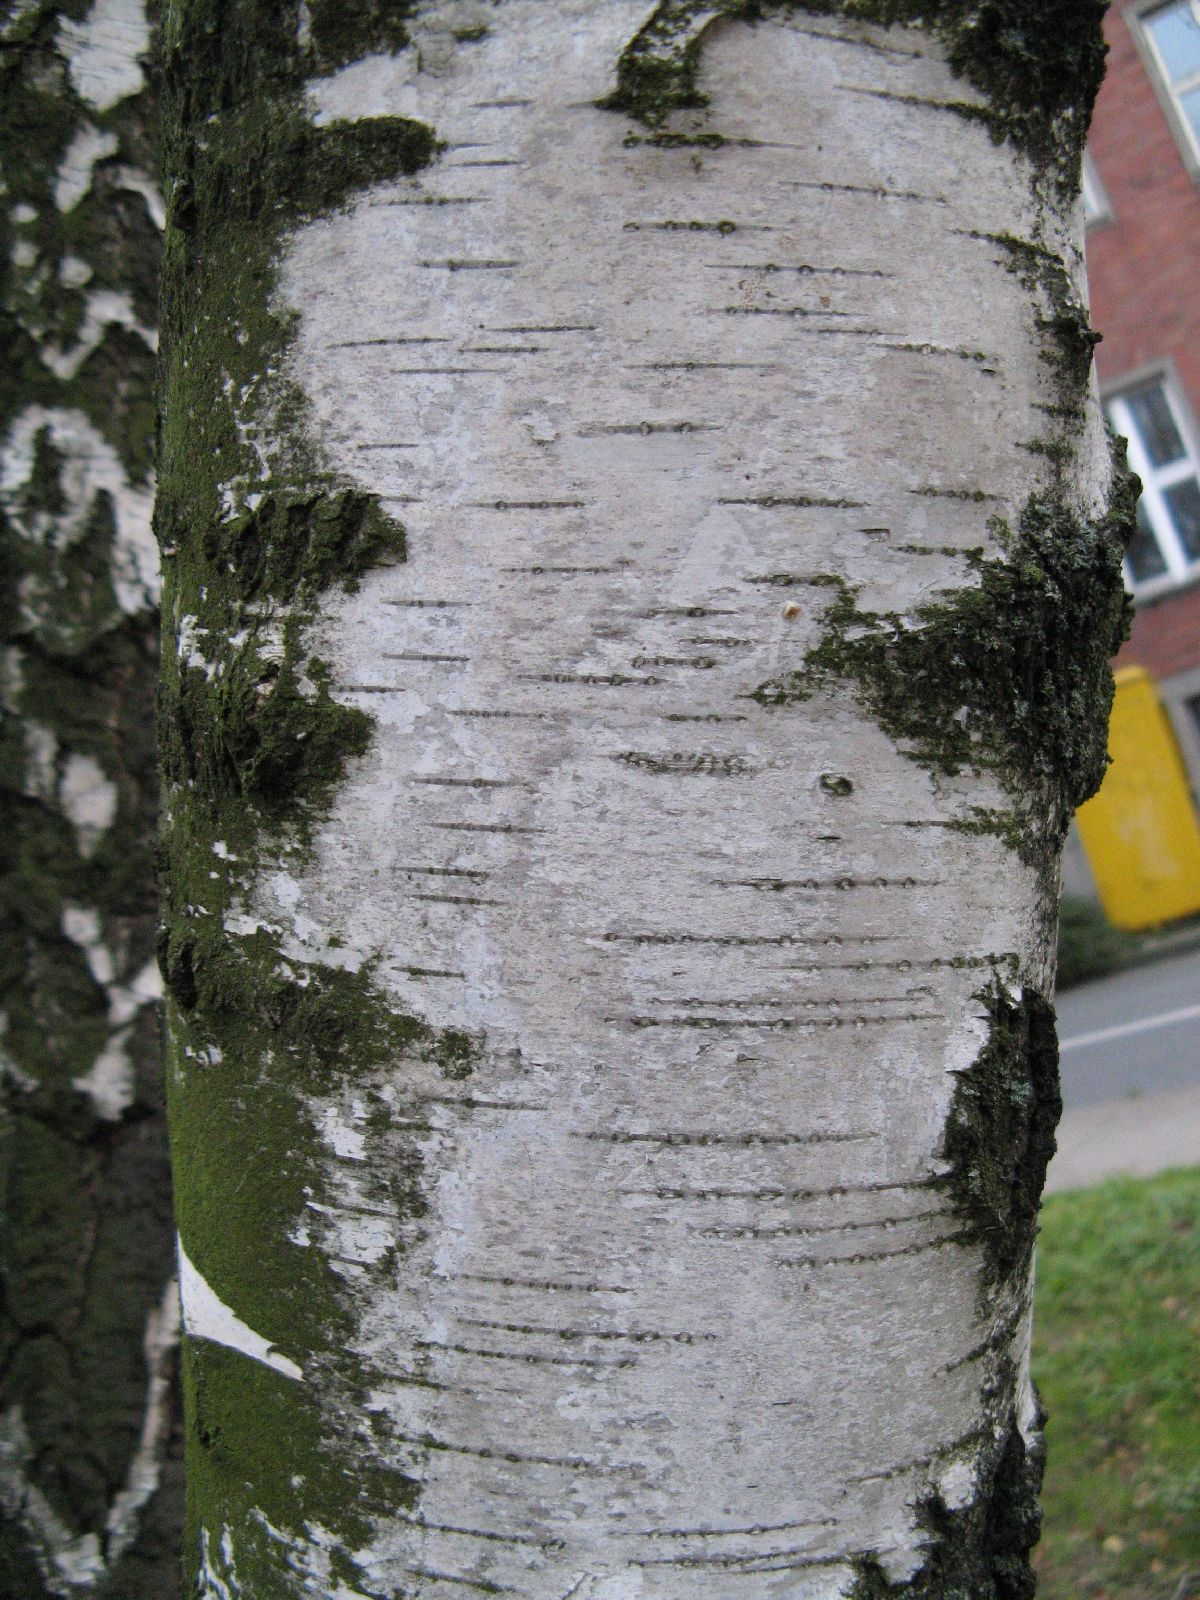 Baum-Rinde_Texturs_B_25710